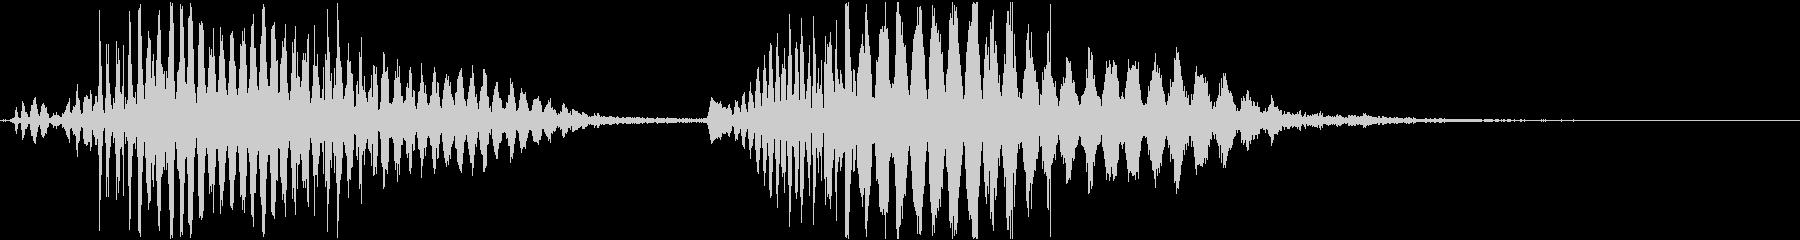 鳴き声03(空飛ぶモンスター系)の未再生の波形